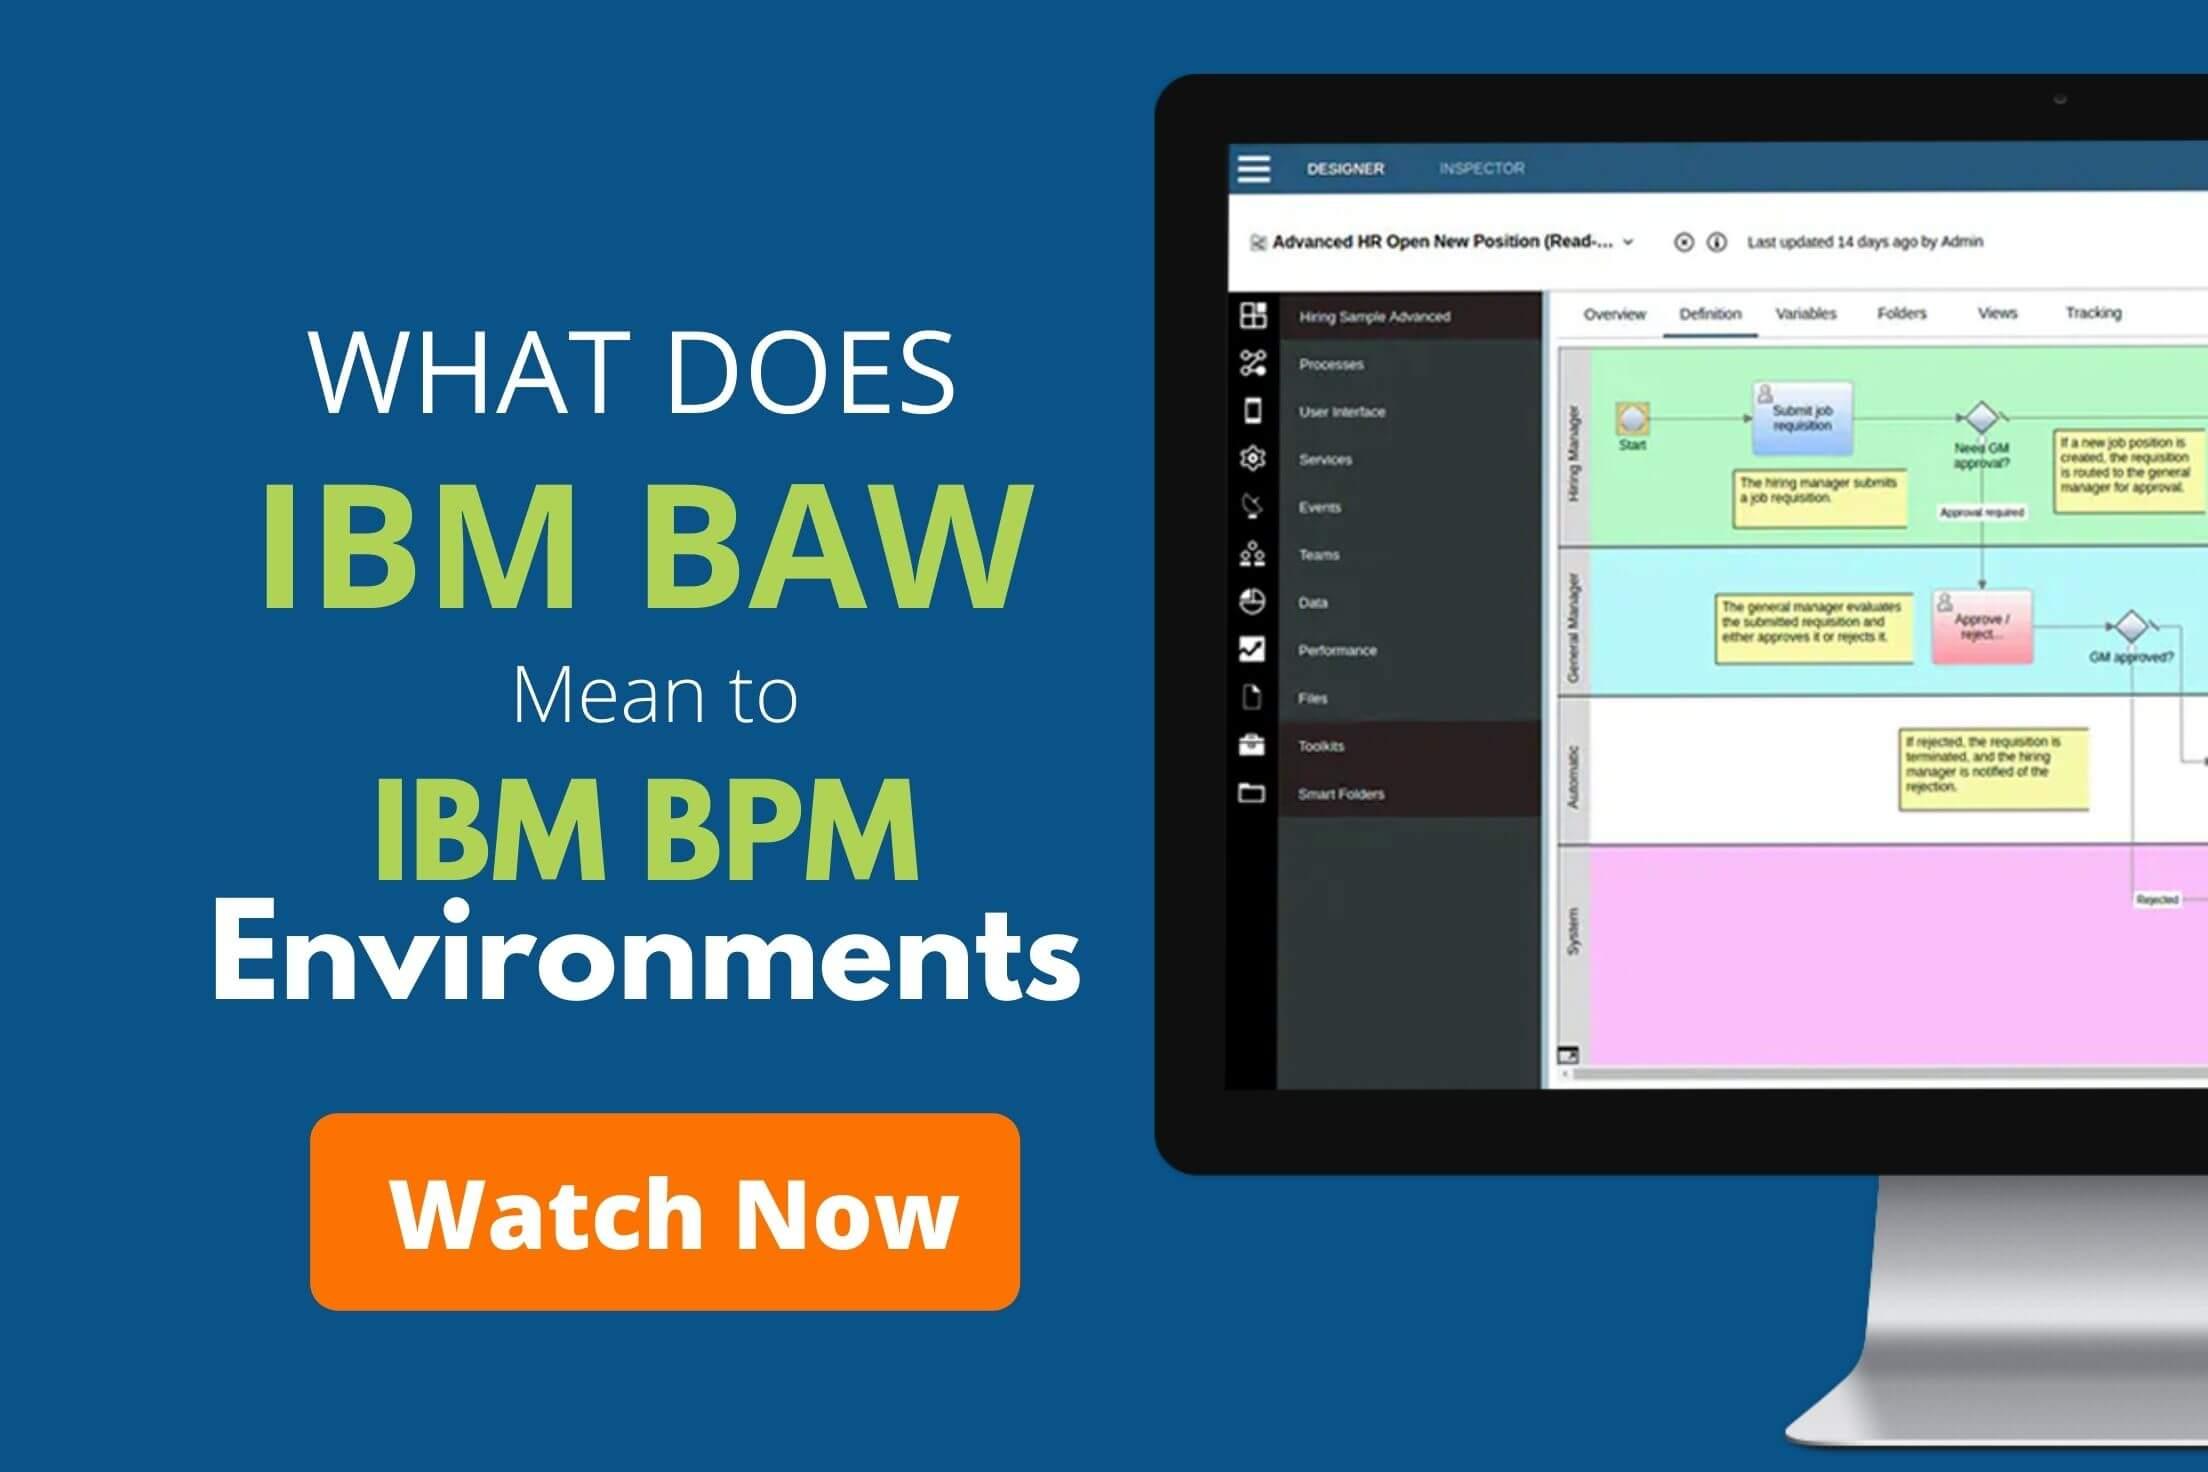 what ibm baw means to ibm bpm environments